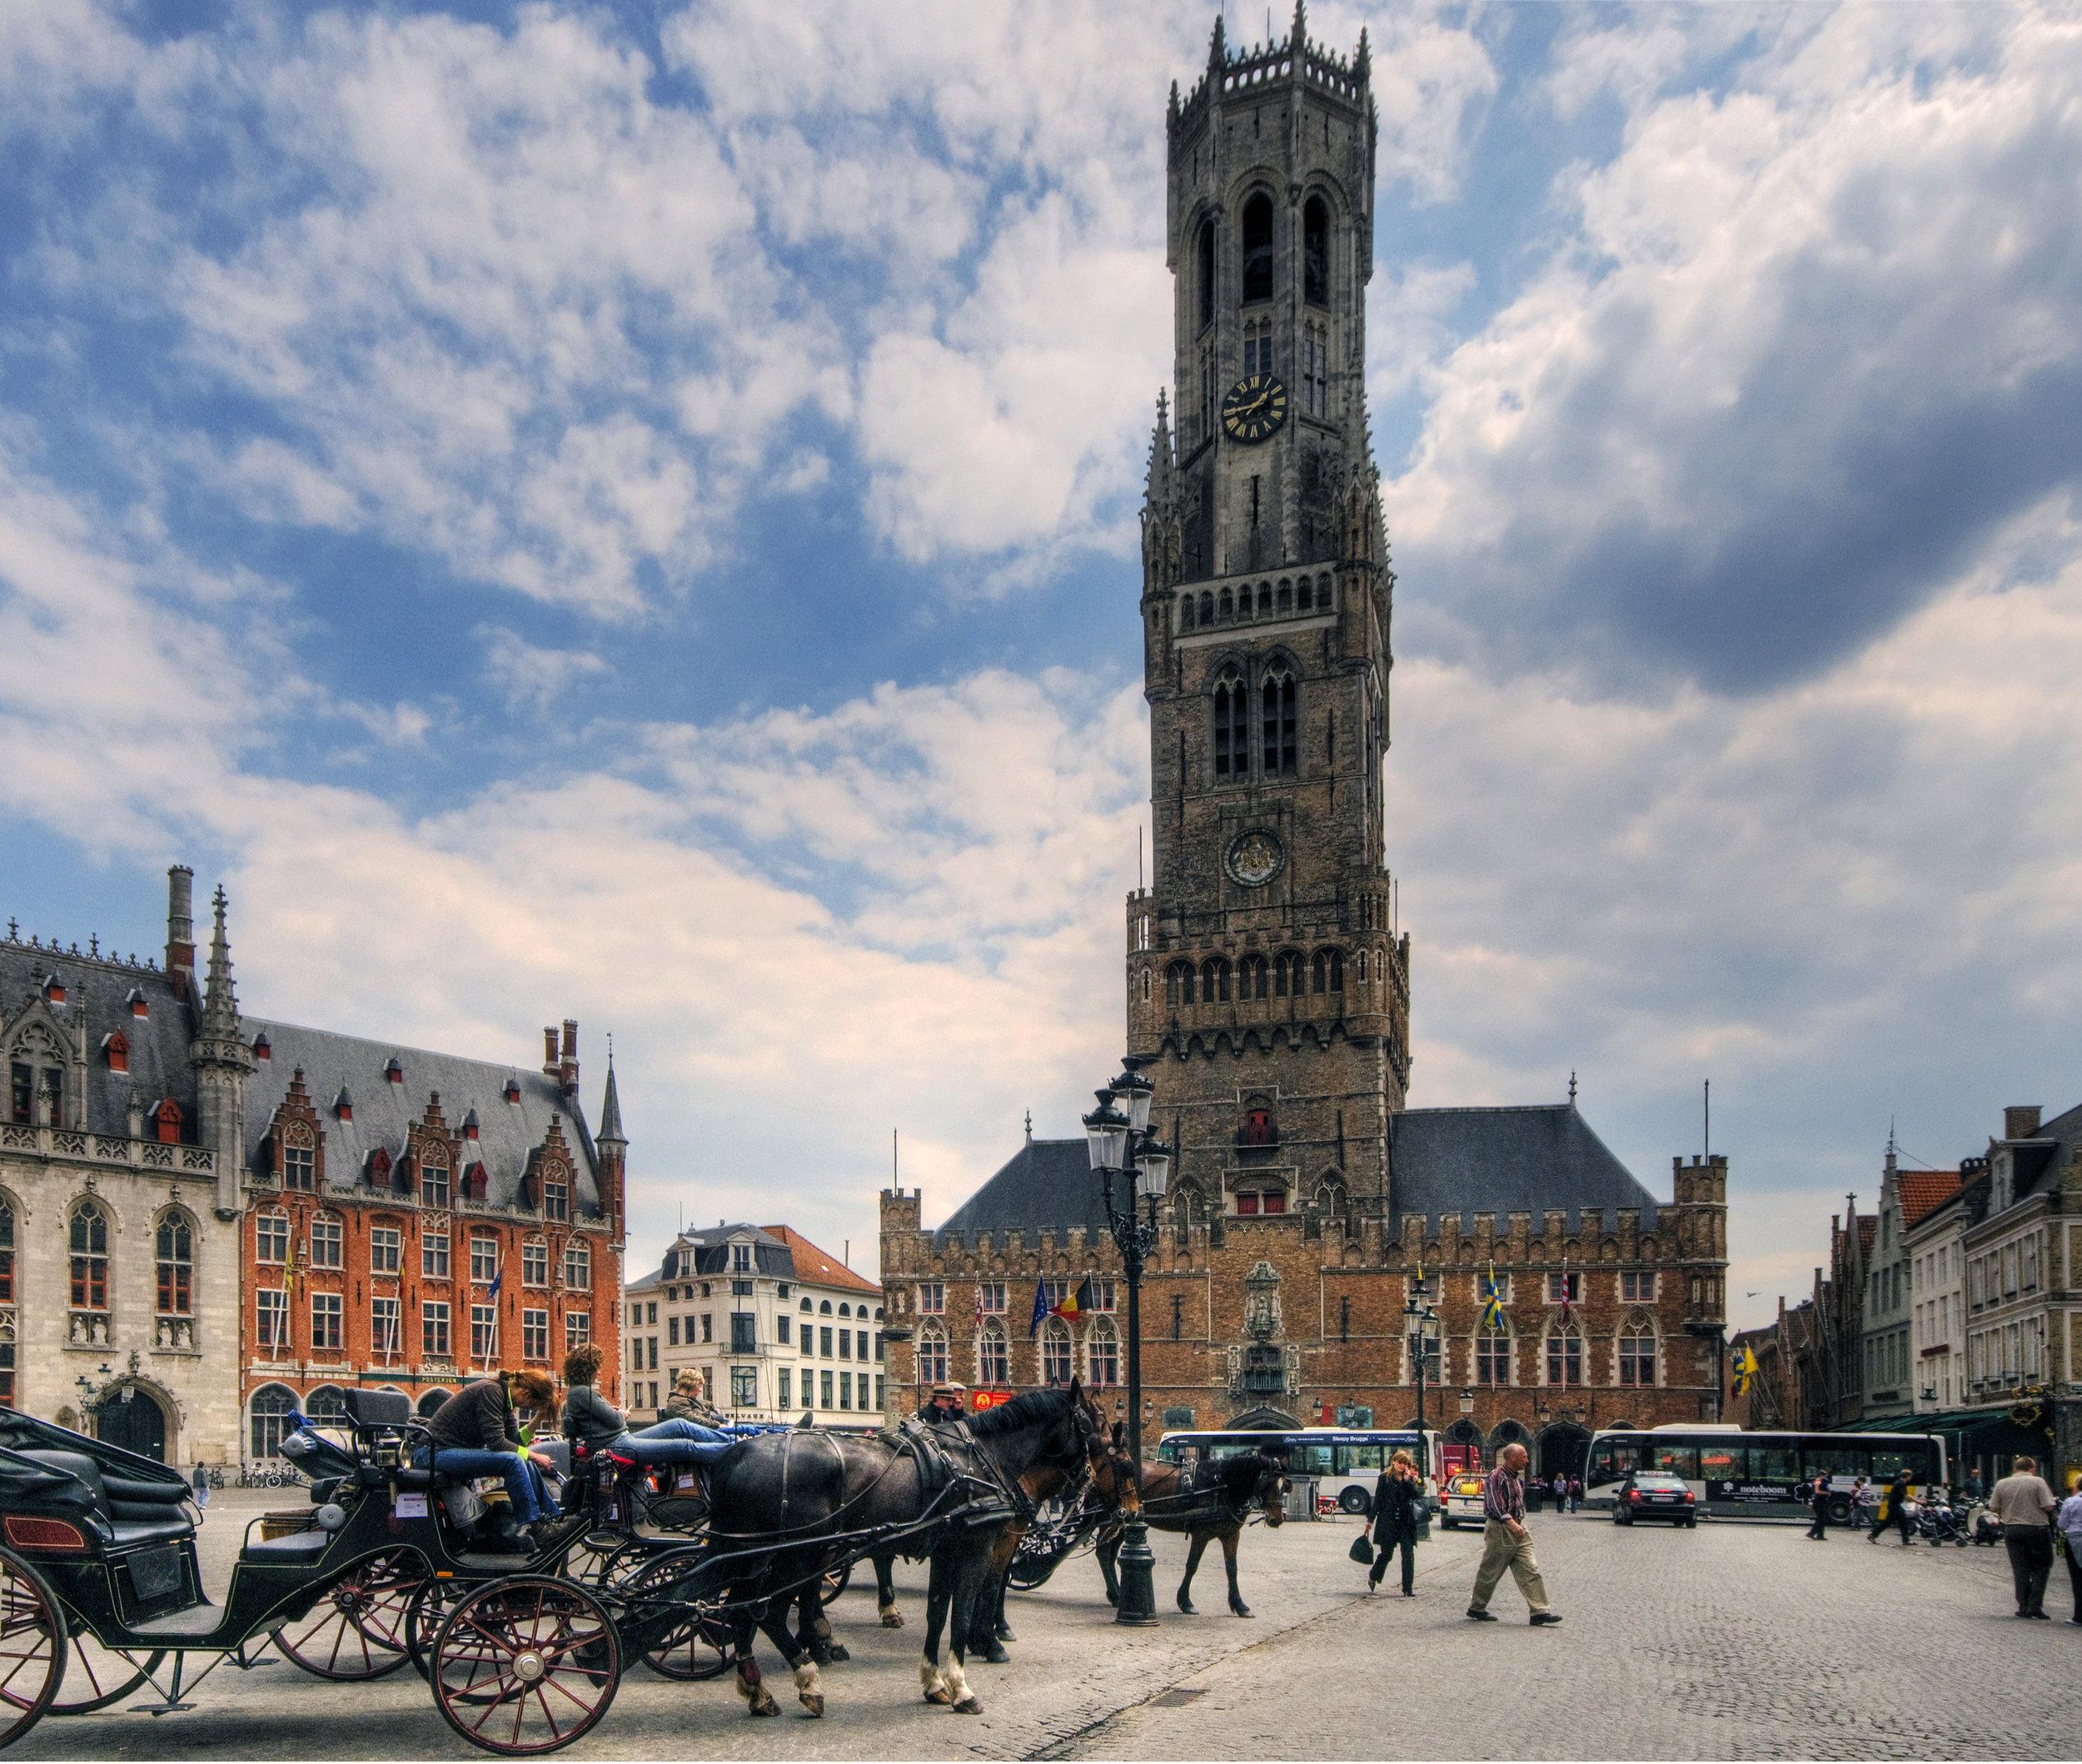 Bruges_Market_Square_and_Belfry.jpg